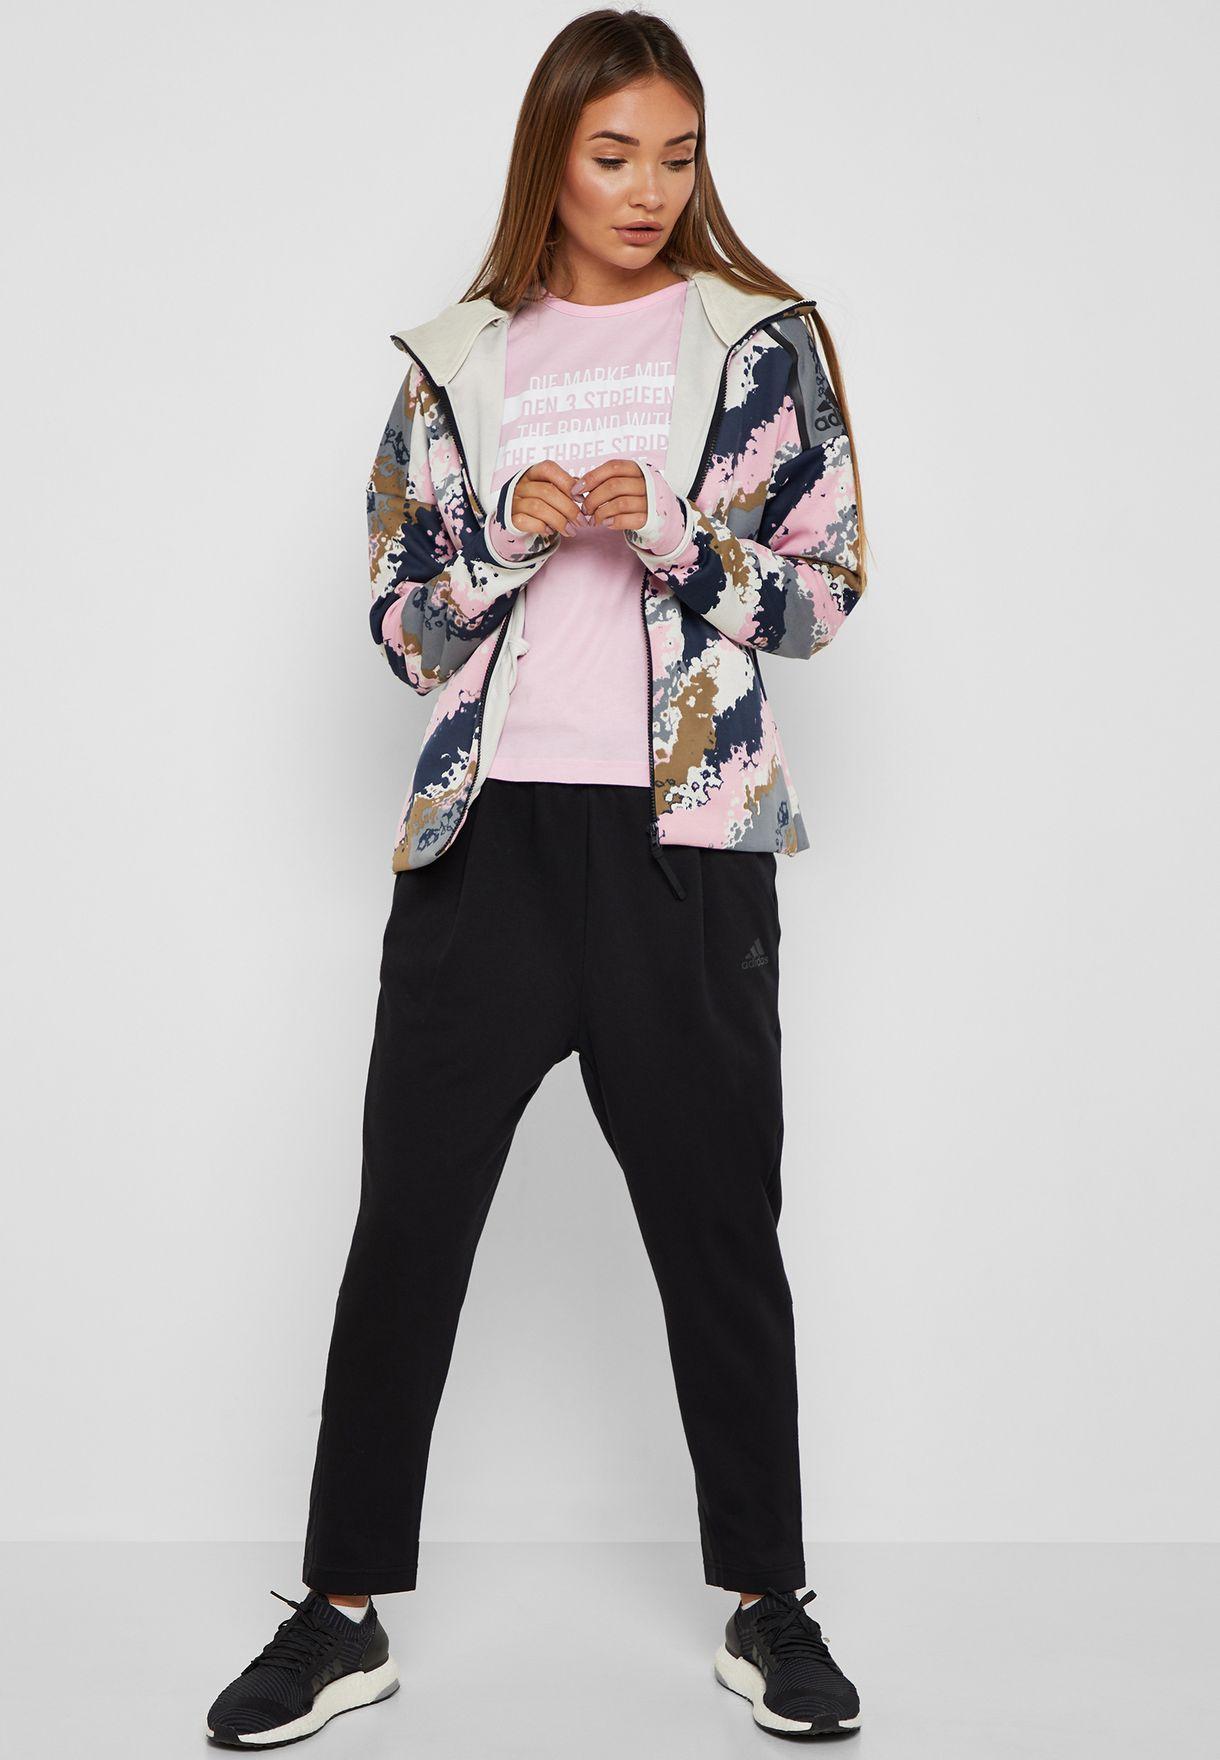 ad2dfef20fa9 Shop adidas black ID Wind Sweatpants DT9340 for Women in UAE ...